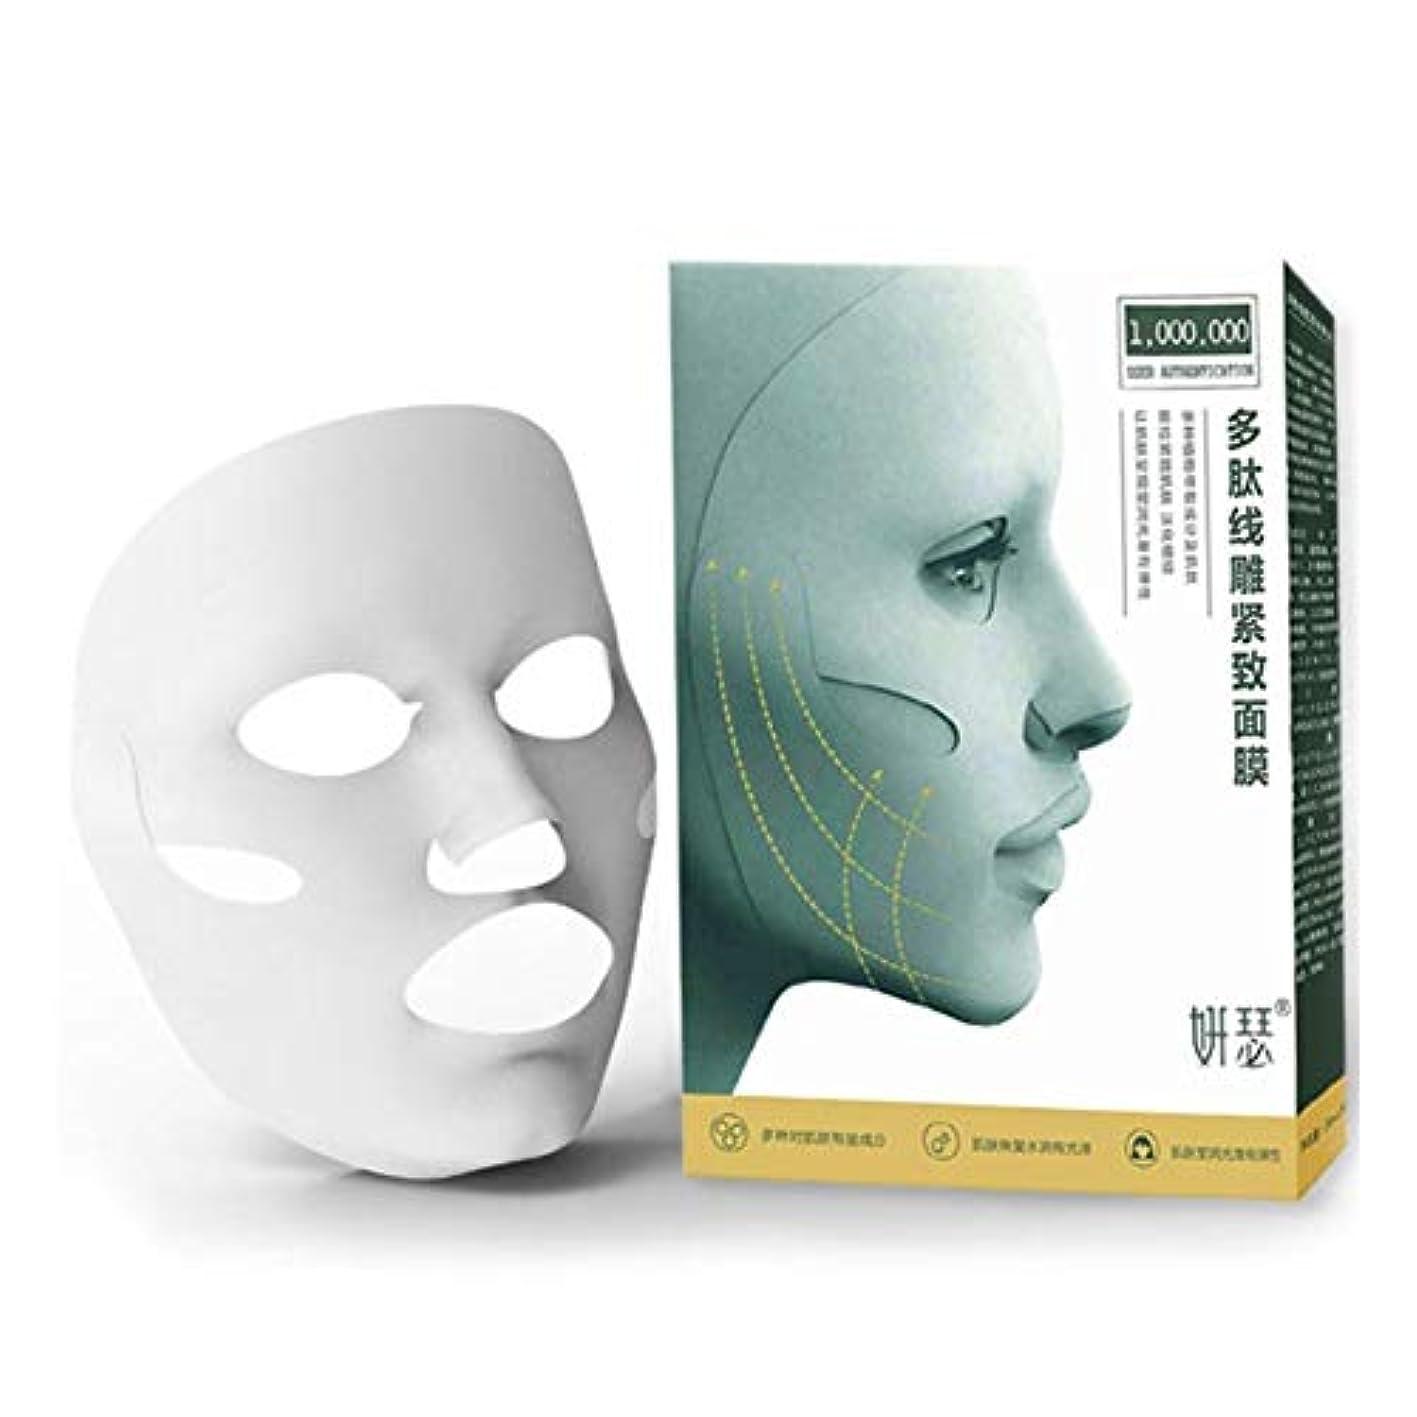 約束するクローン理解するBETTER YOU (ベター ュー) マスク、ペプチドマスク、保湿、美白、肌の引き締め、肌の色合いの明るく、赤い血の輝き、細い線 5枚1箱